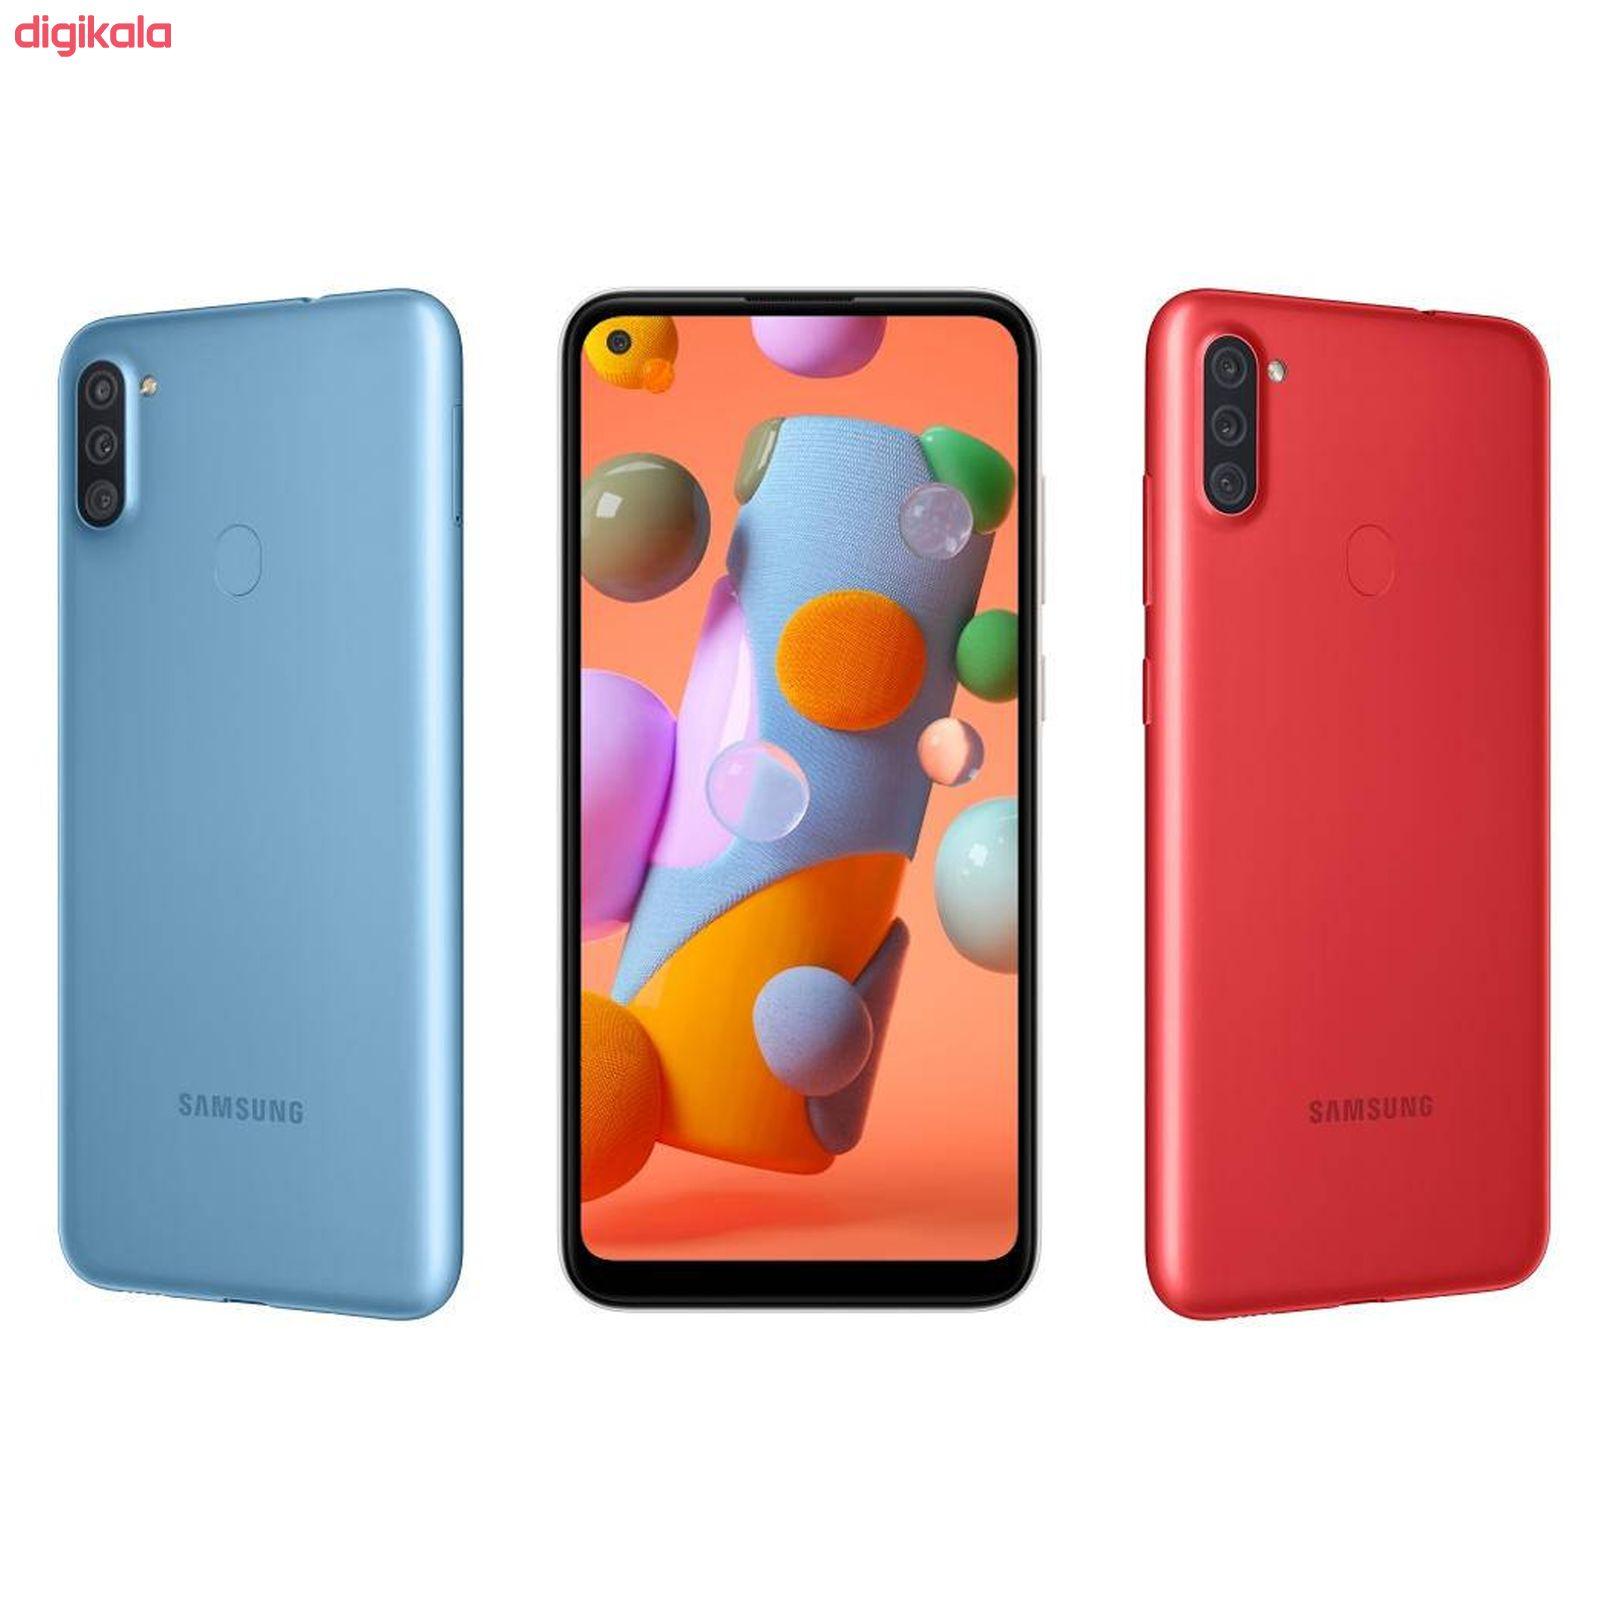 گوشی موبایل سامسونگ مدل Galaxy A11 SM-A115F/DS دو سیم کارت ظرفیت 32 گیگابایت با 2 گیگابایت رم main 1 3